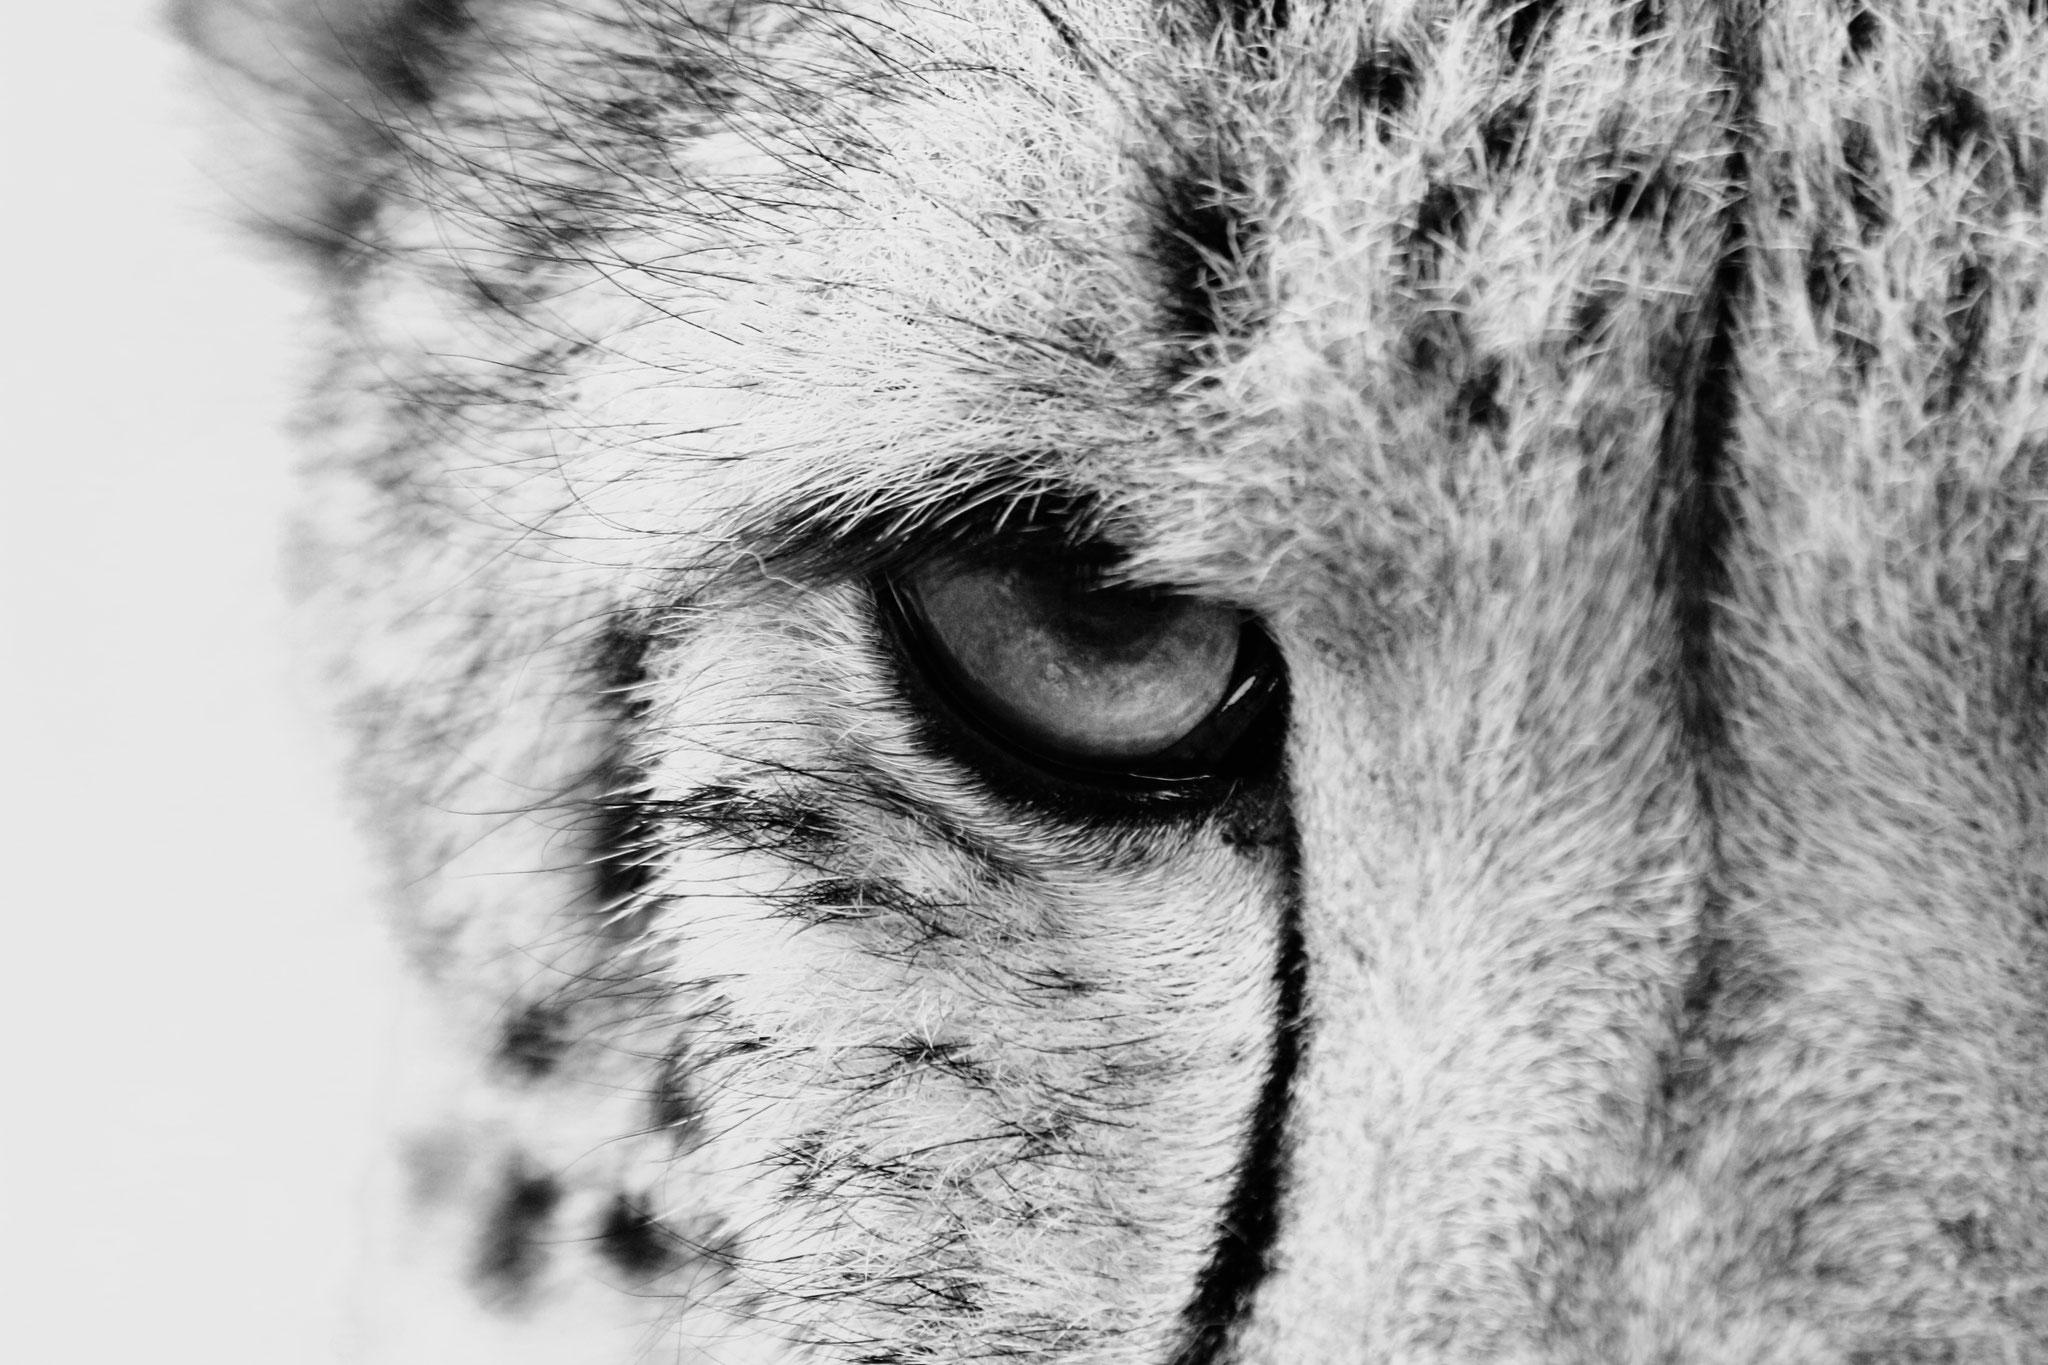 Cheetah focus